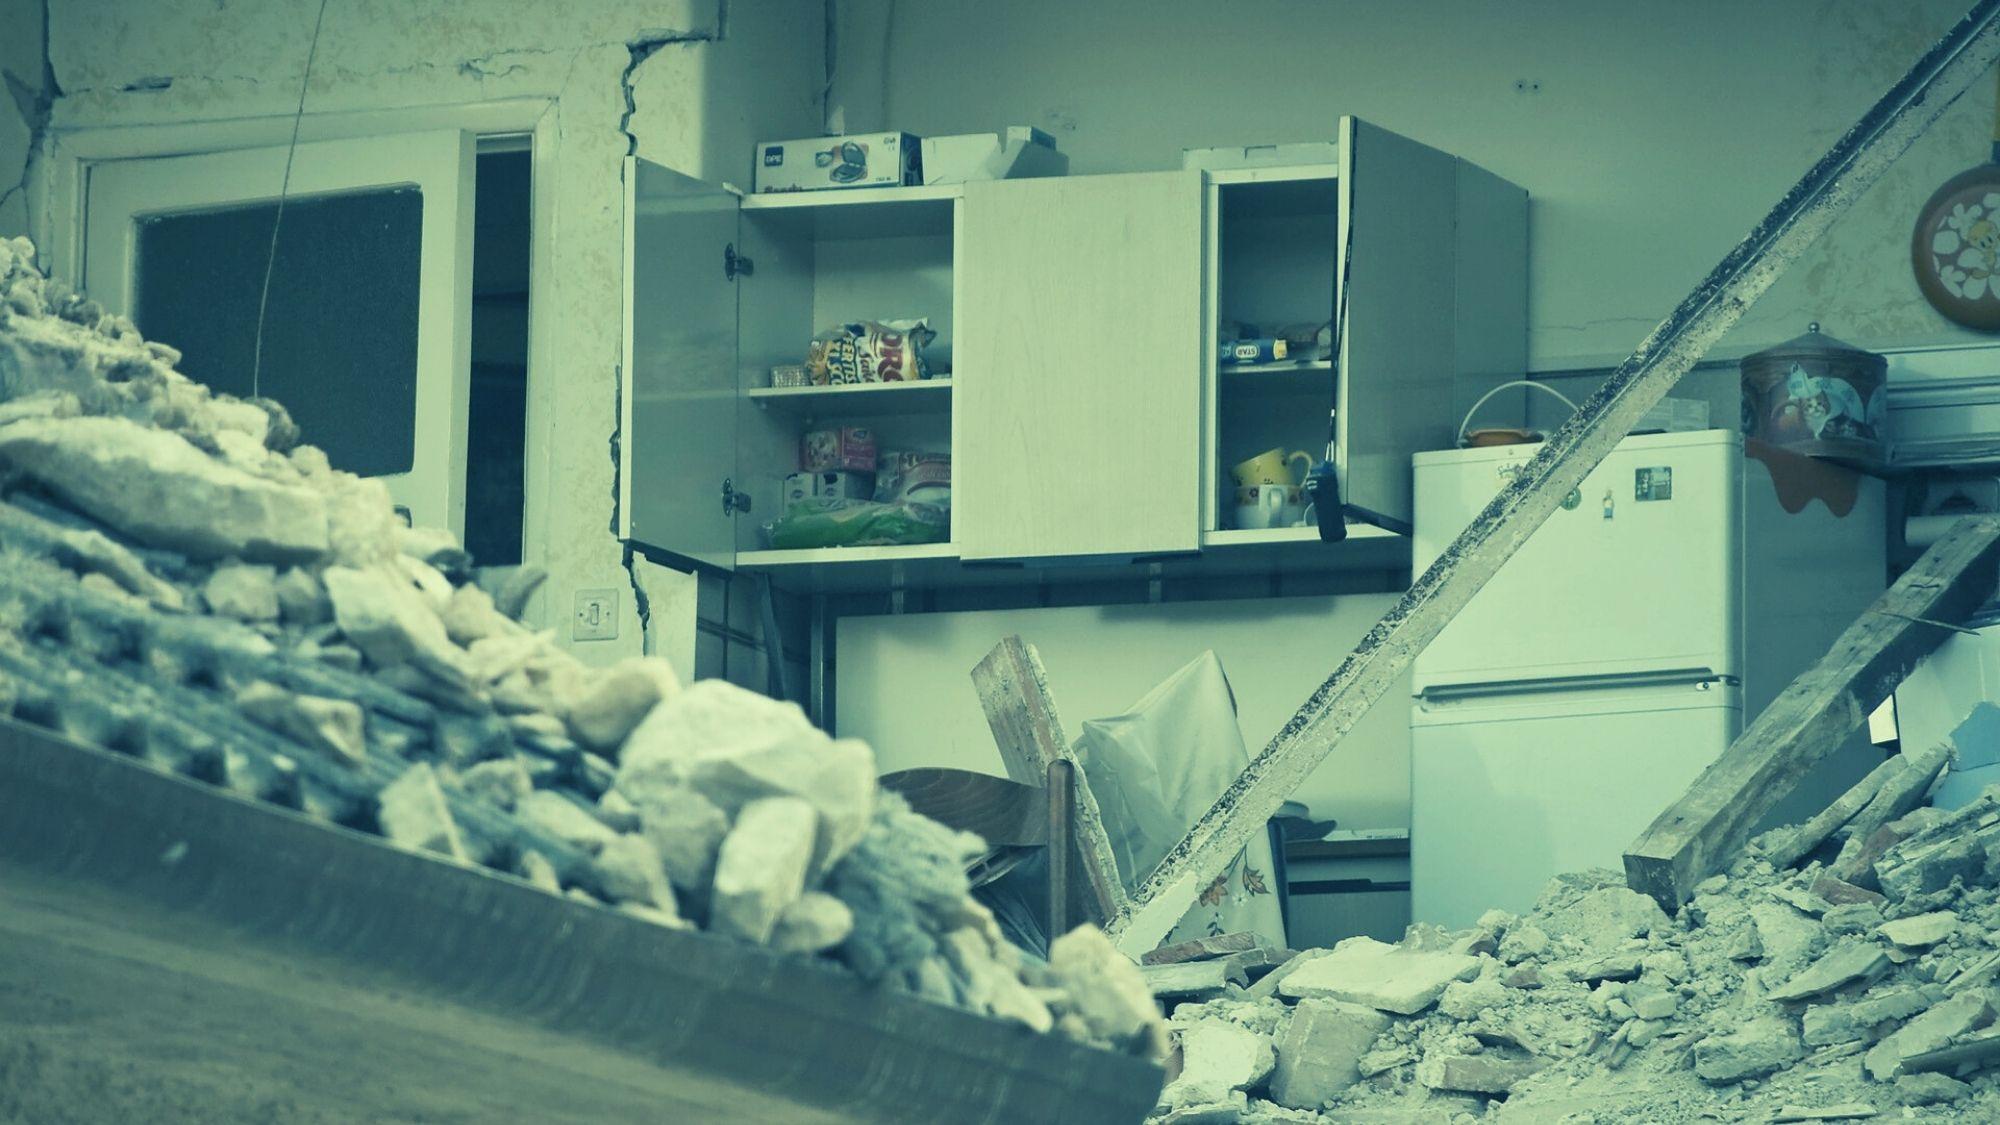 ביטוח רעידת אדמה לבית משותף – שני מצבים